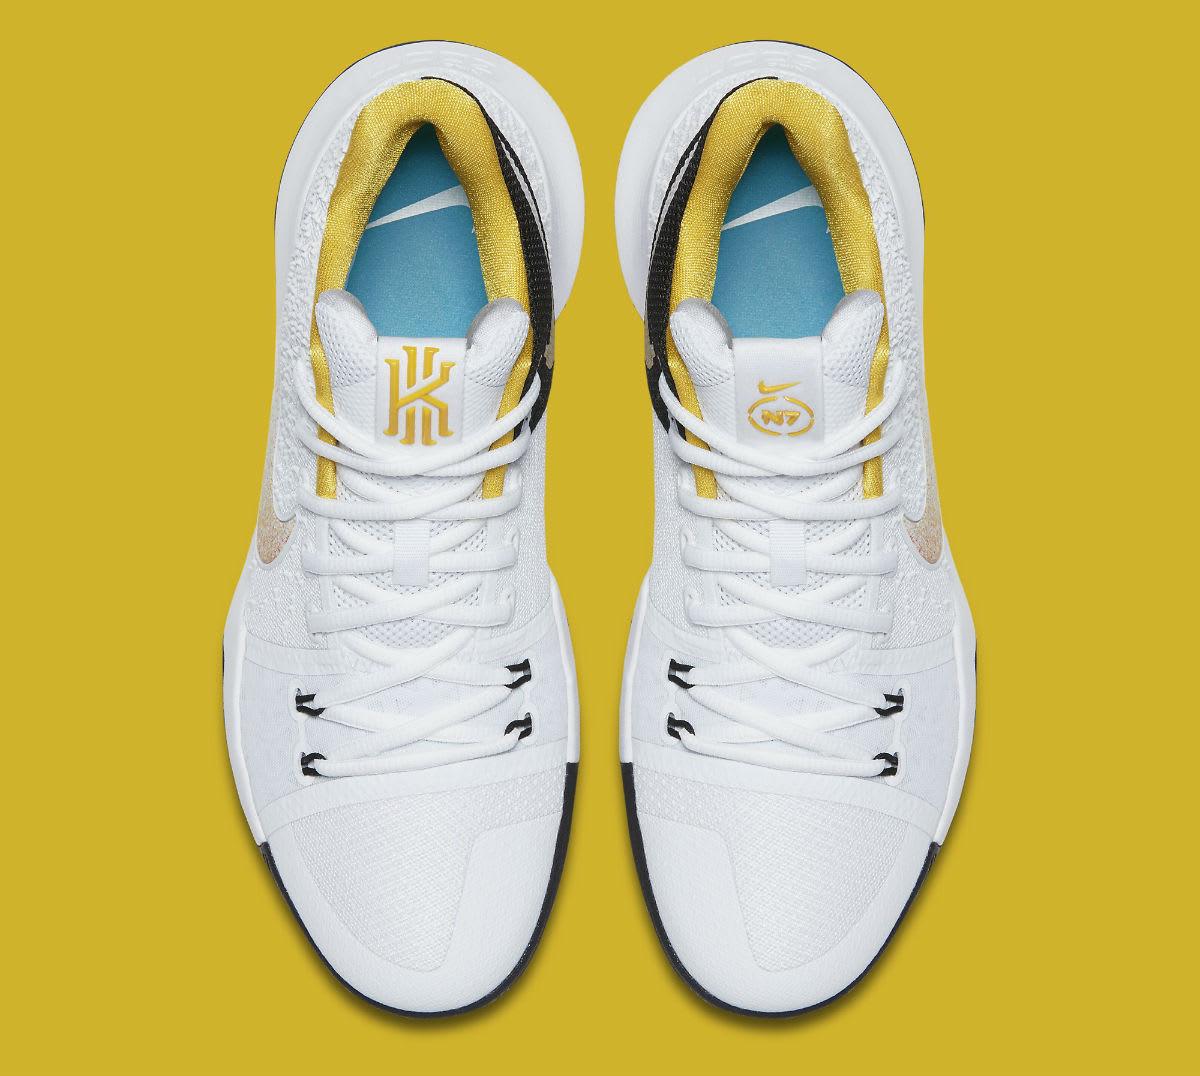 Nike Kyrie 3 N7 Release Date Top 899355-117